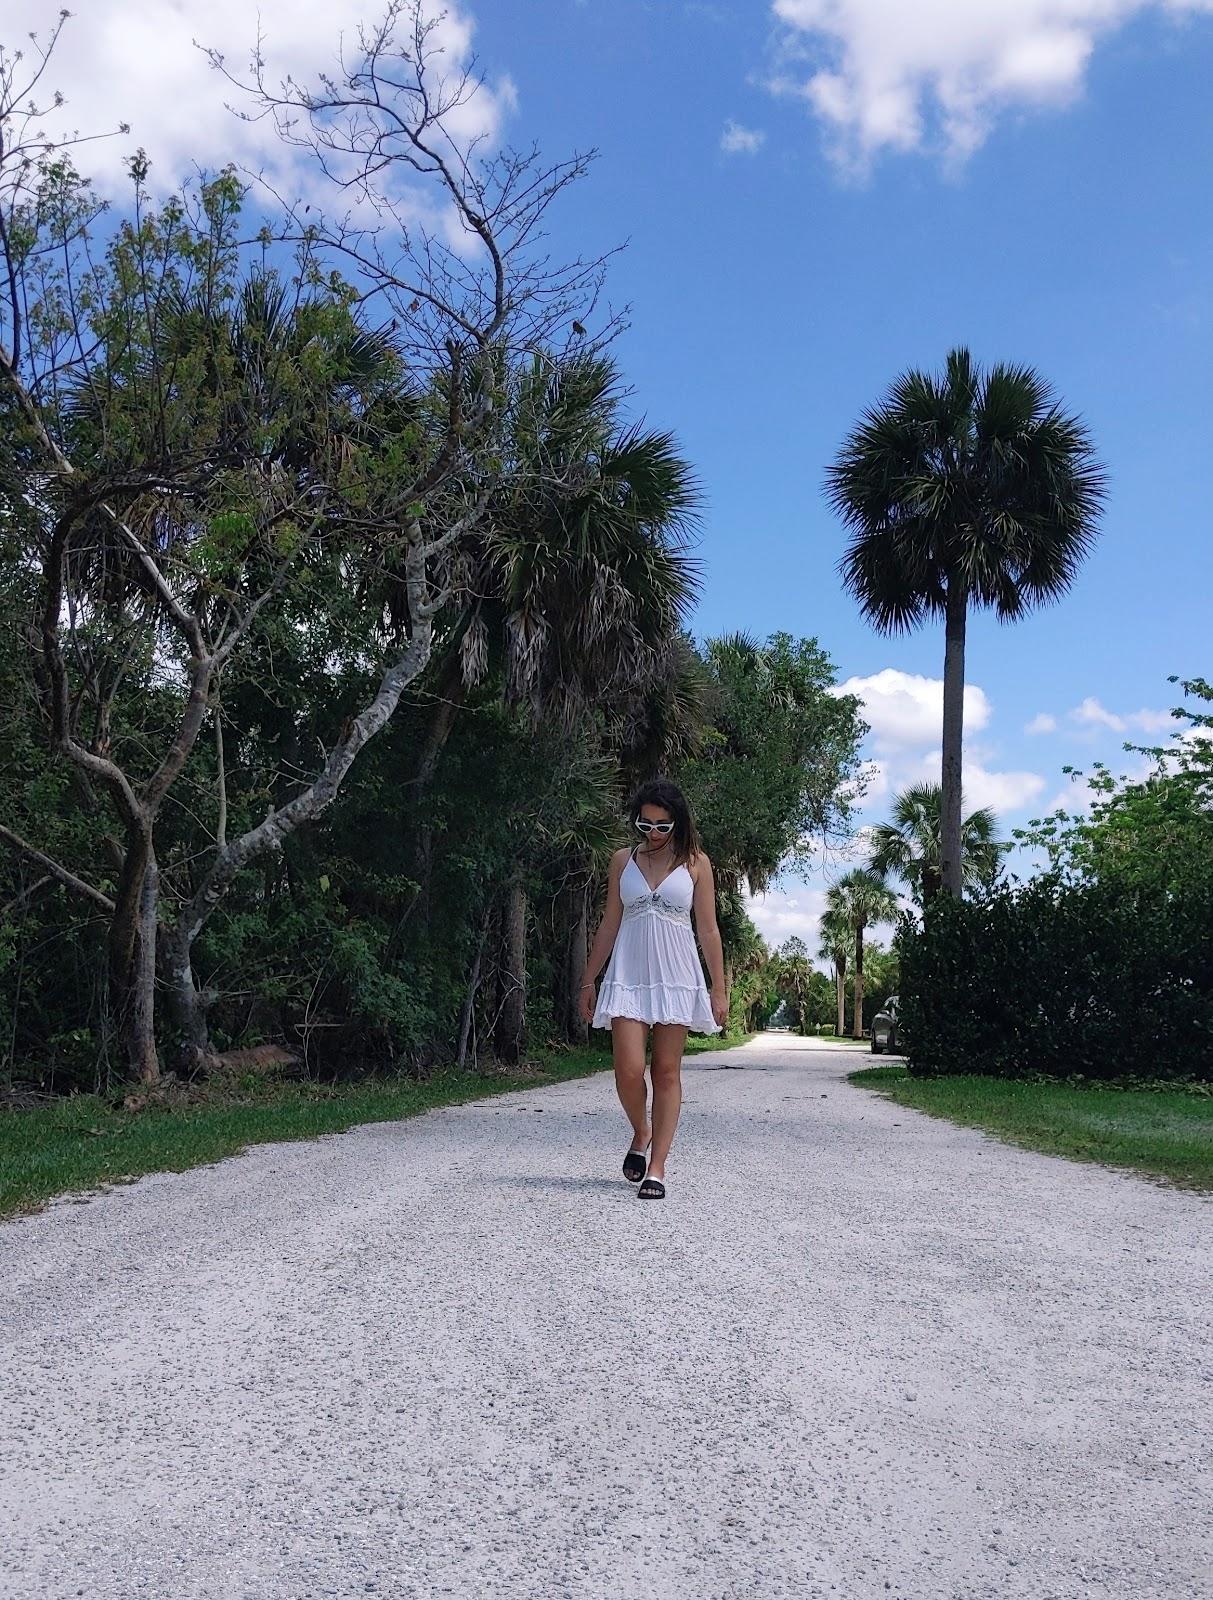 טיול בארצות הברית אטרקציות בנייפלס פלורידה טיול בפלורידה